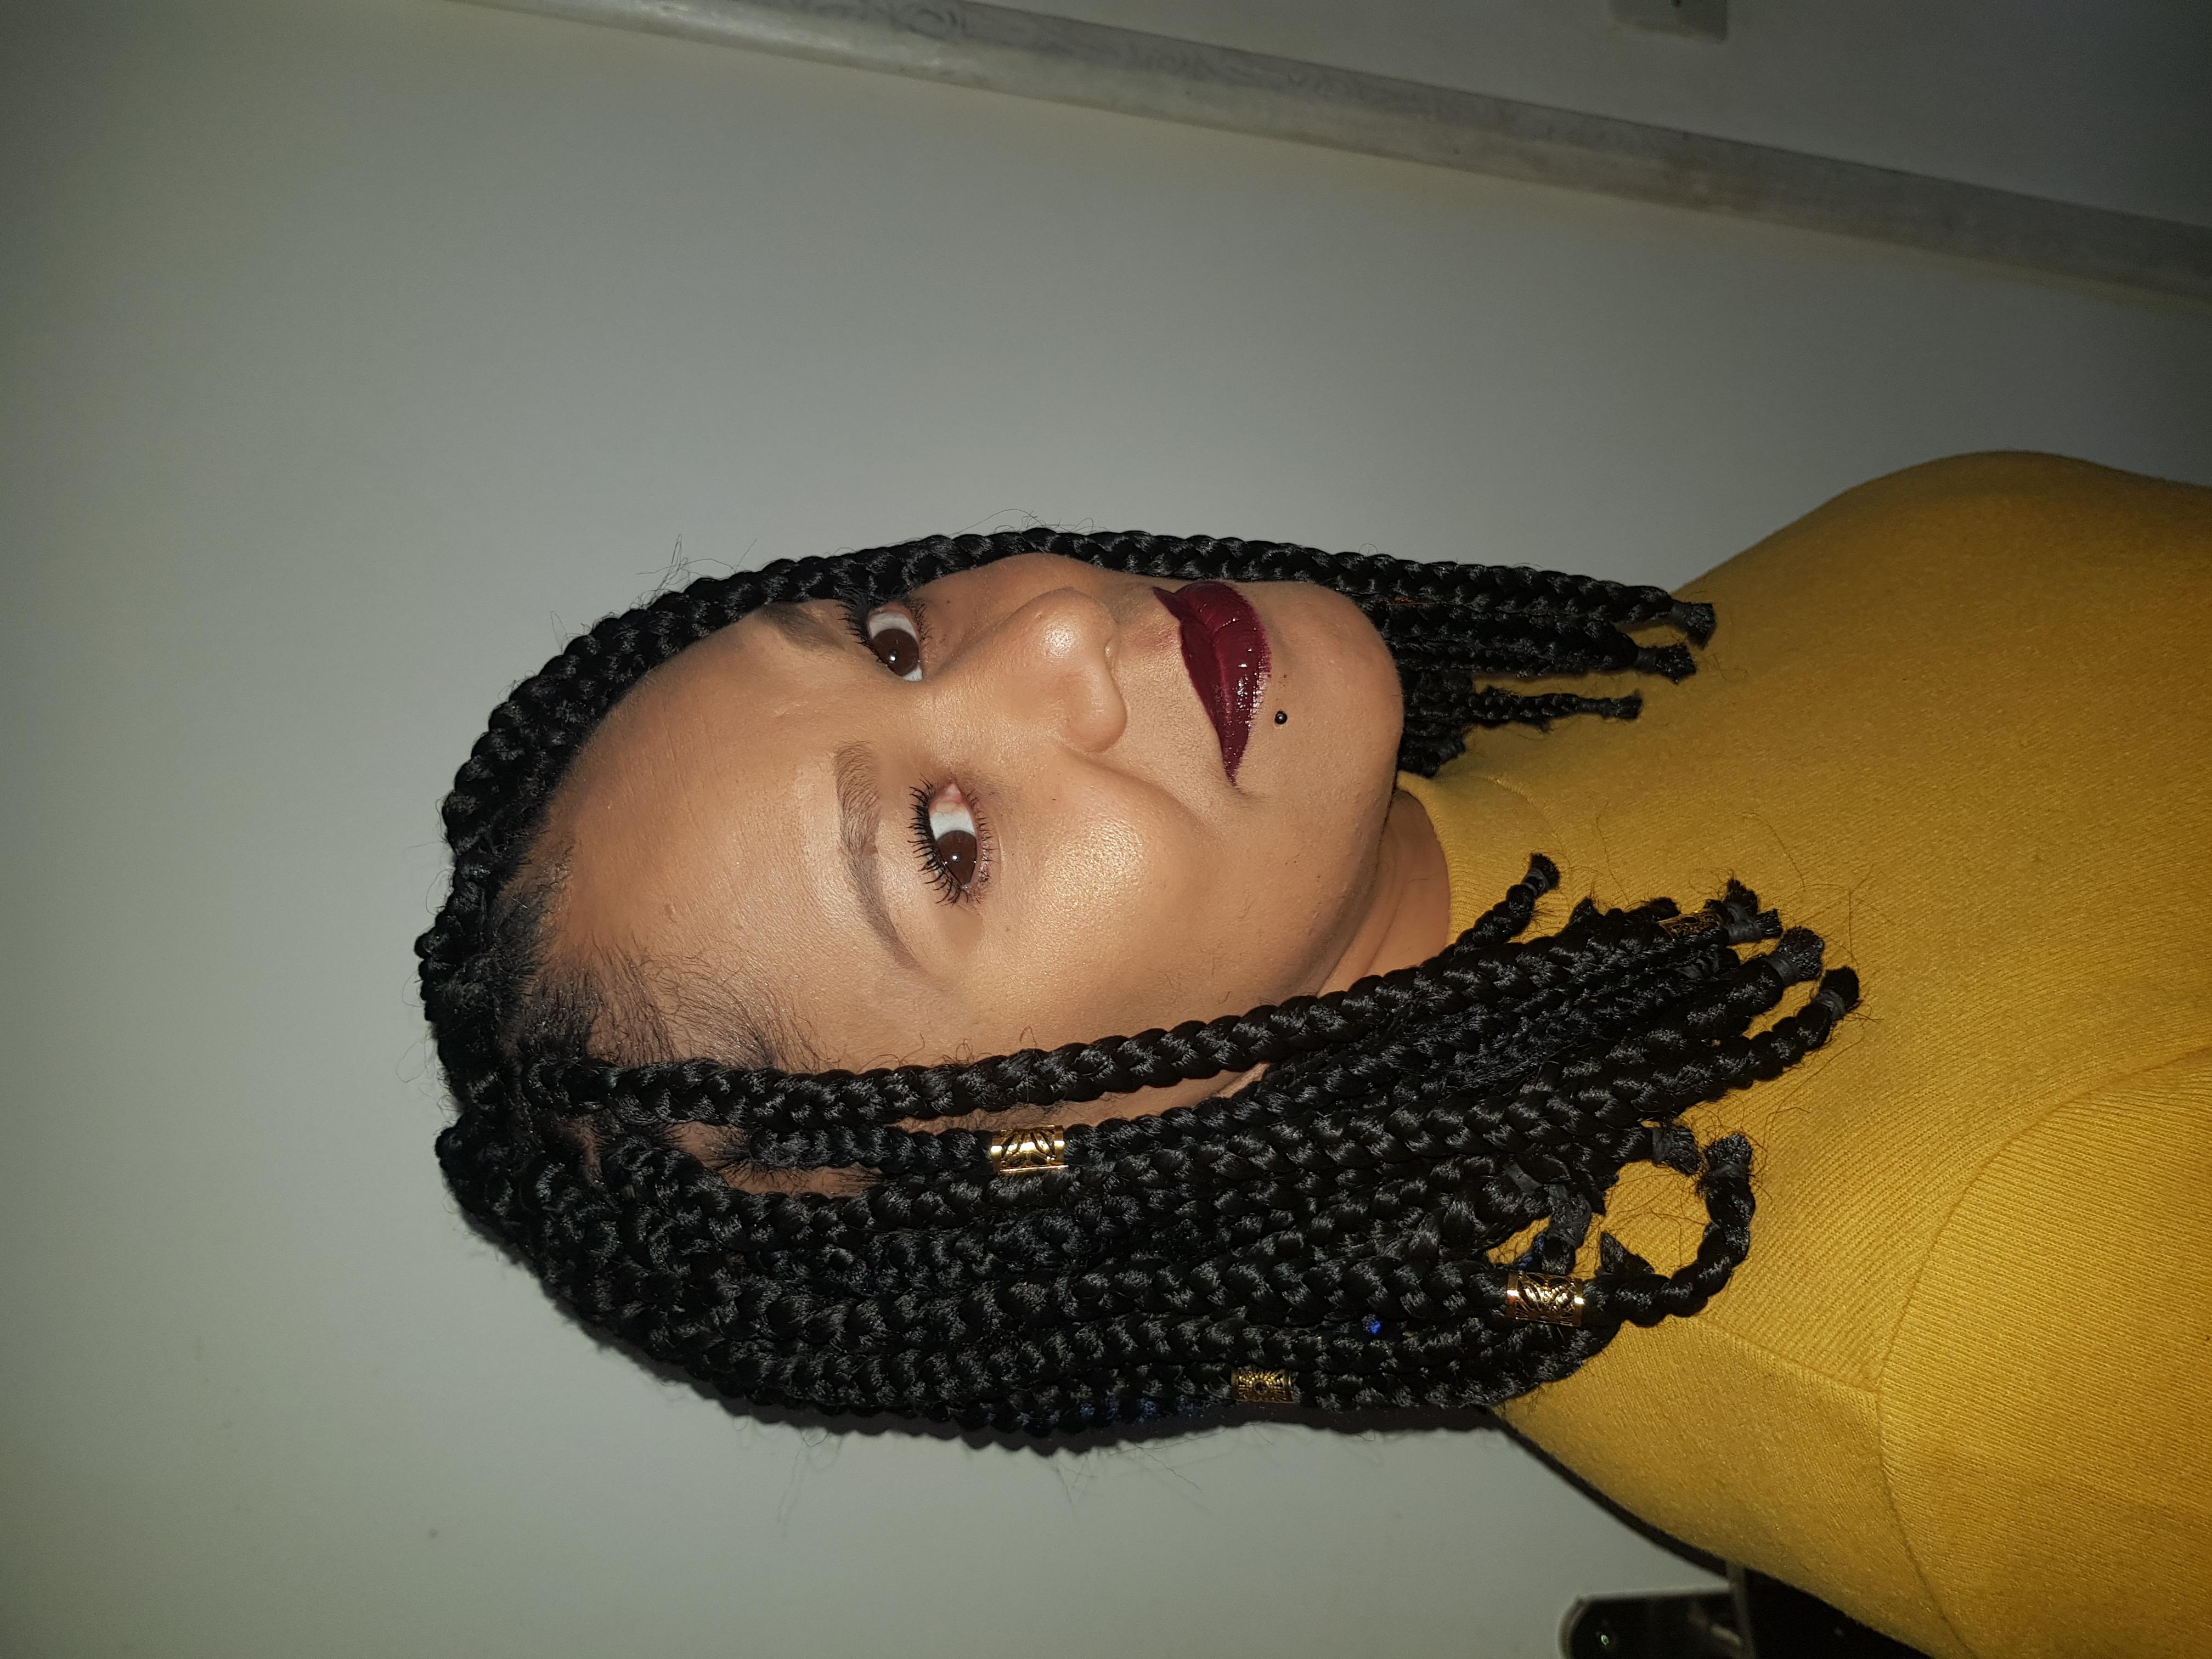 salon de coiffure afro tresse tresses box braids crochet braids vanilles tissages paris 75 77 78 91 92 93 94 95 RKLNSAQO